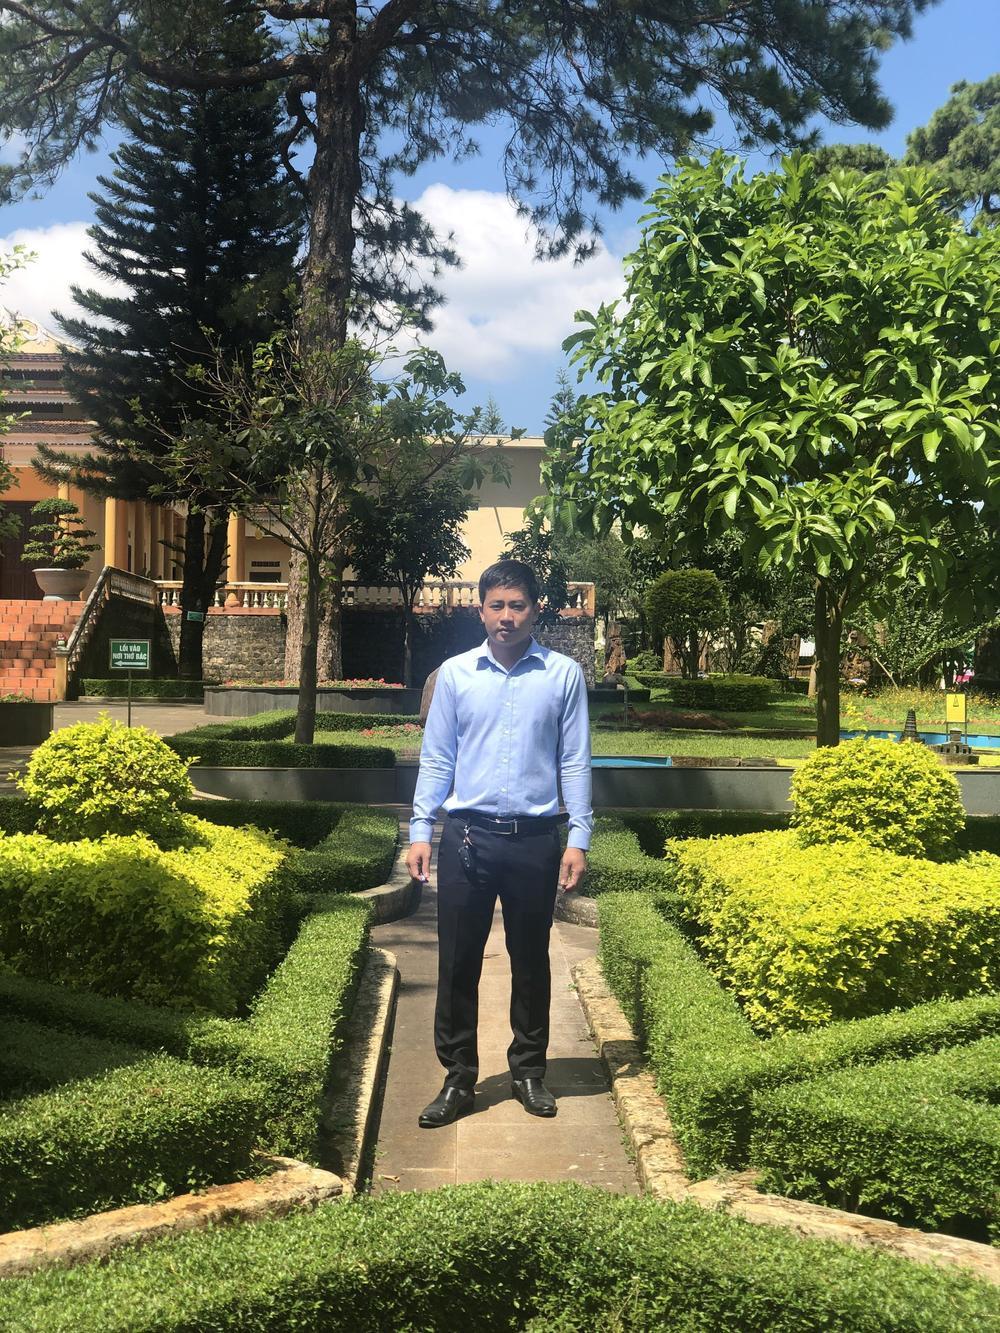 Thầy giáo Phạm Thăng Bằng sở hữu vườn lan giá trị với hơn 10.000 chậu Ảnh 4